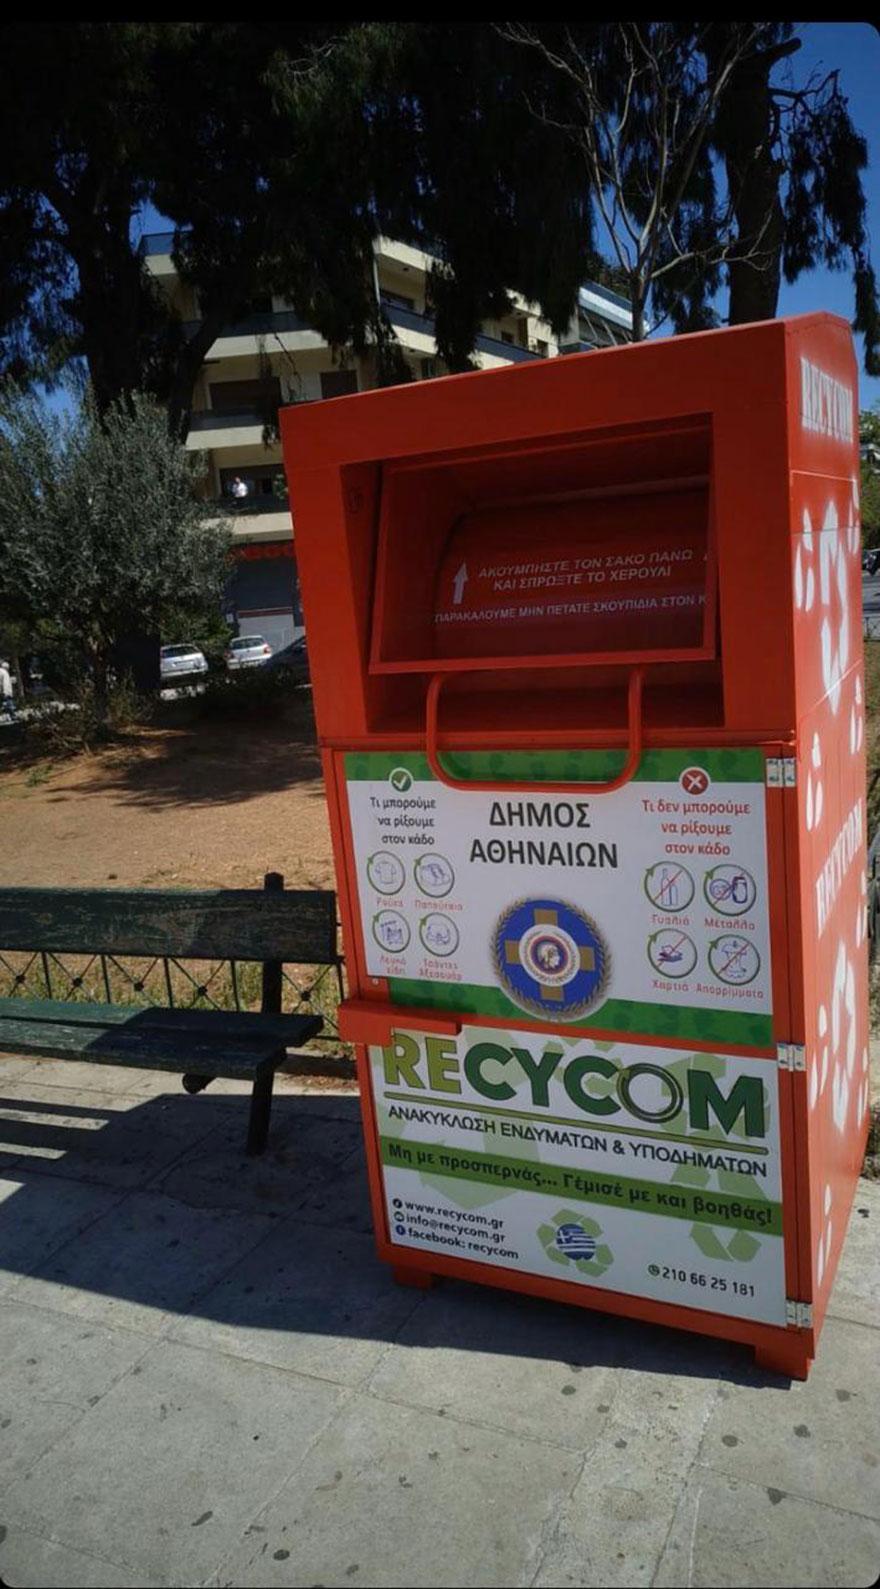 Αυξάνονται κατά 30% οι κόκκινοι κάδοι ανακύκλωσης ρούχων - παπουτσιών στην Αθήνα © Δήμος Αθηναίων